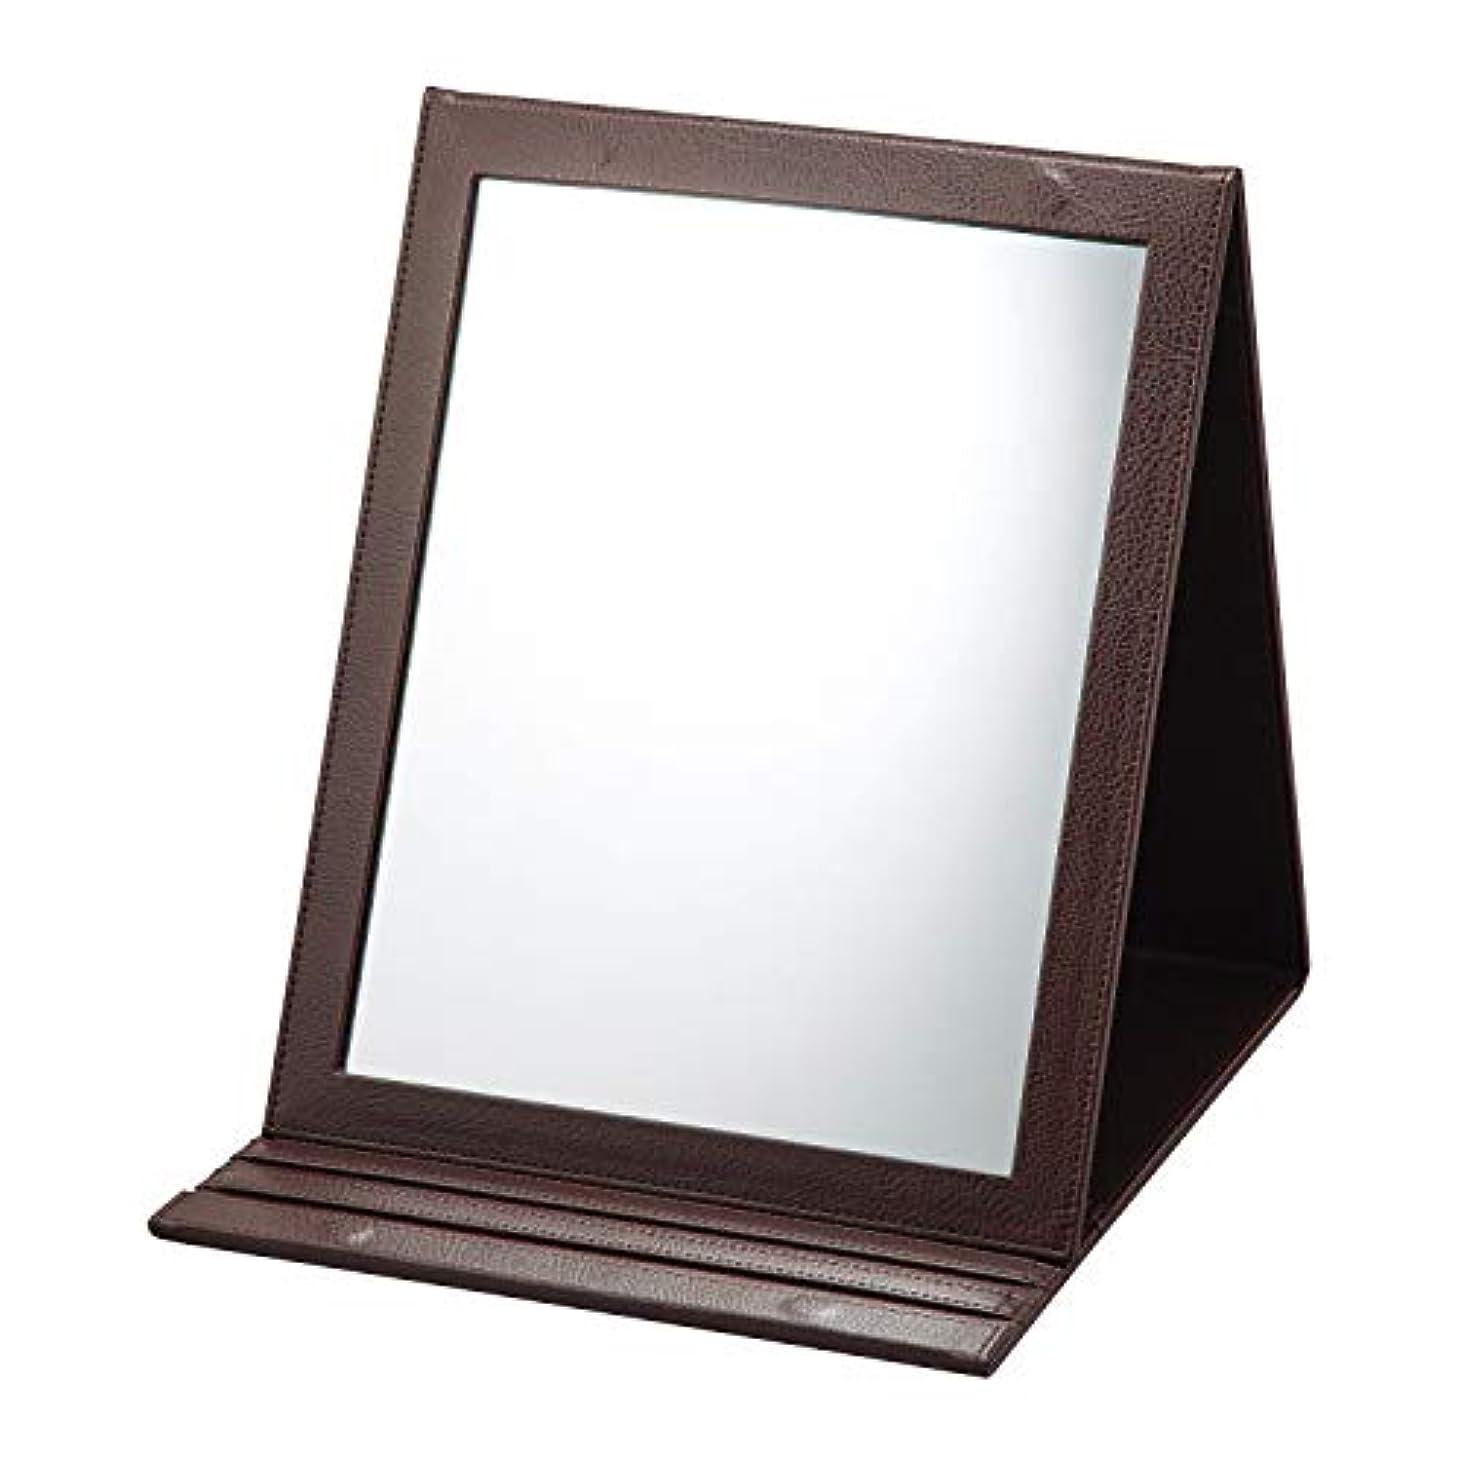 しつけ中傷語折立鏡デカミラー 角度調整5段階 卓上 A4サイズ ヘアメイク ヘアアレンジ 化粧 折りたたみ 大きい デコルテまで見える